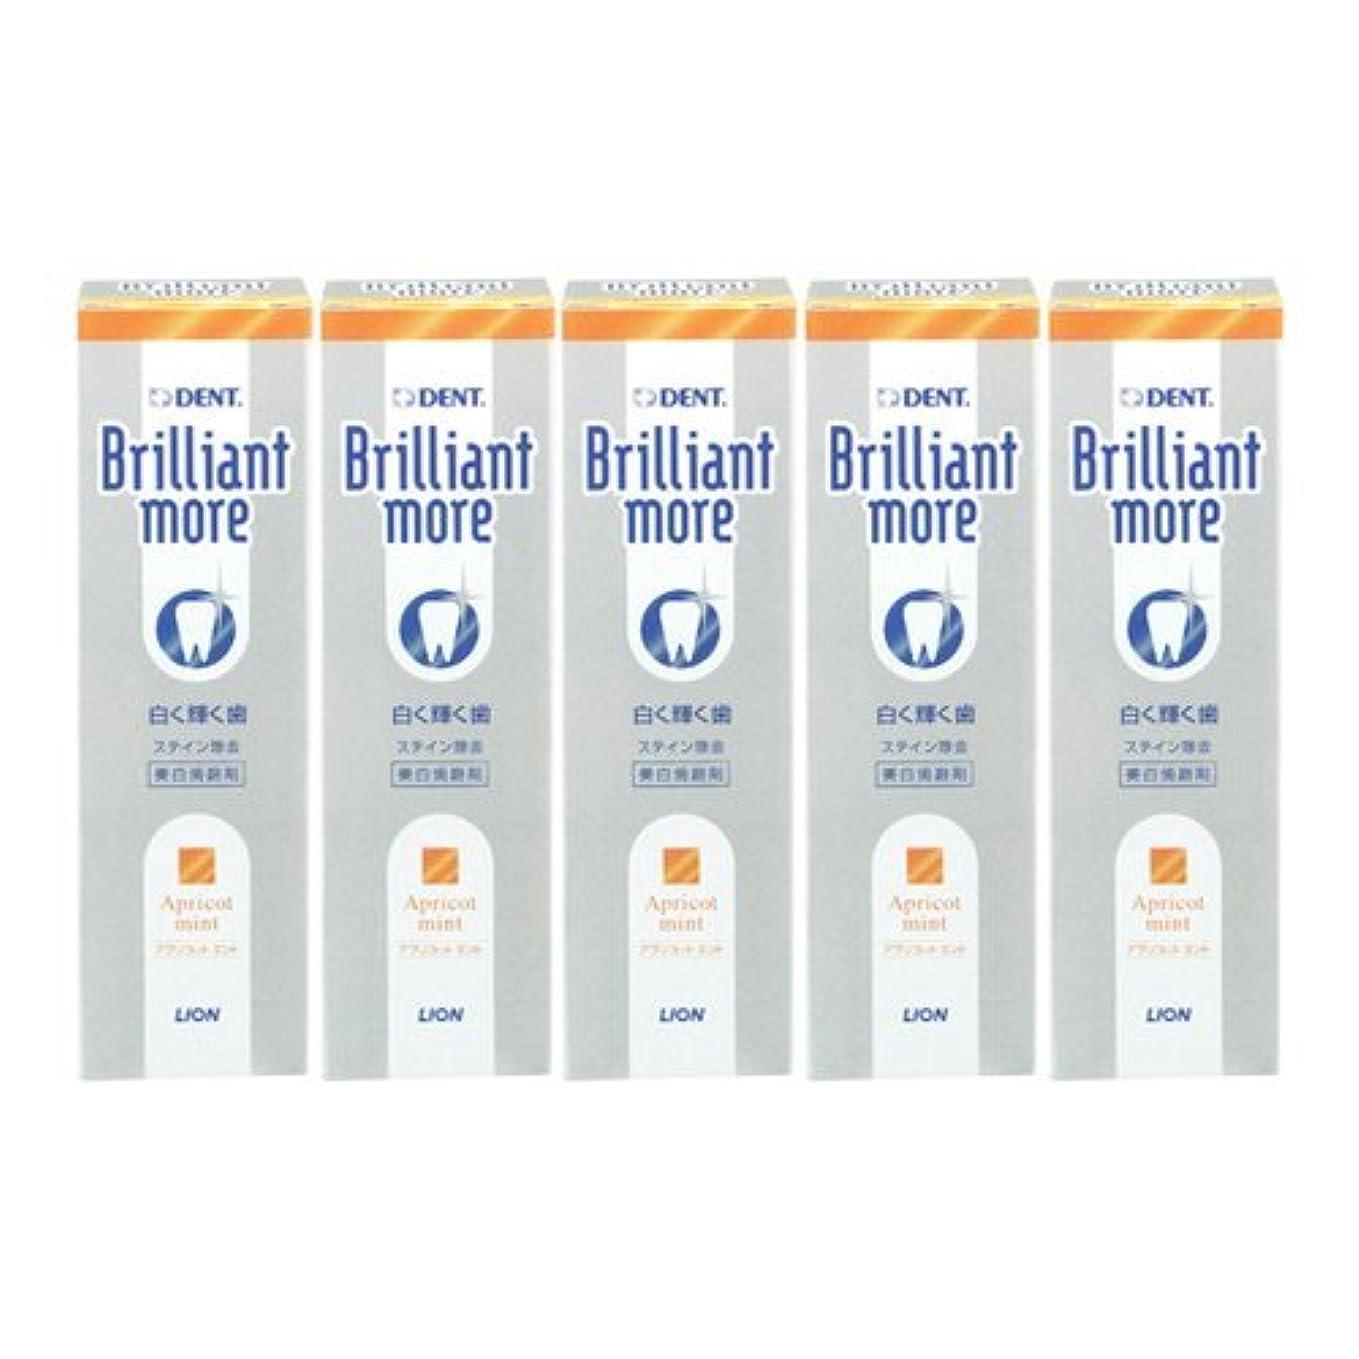 チューインガムあいにく舌ライオン ブリリアントモア アプリコットミント 美白歯磨剤 LION Brilliant more 5本セット